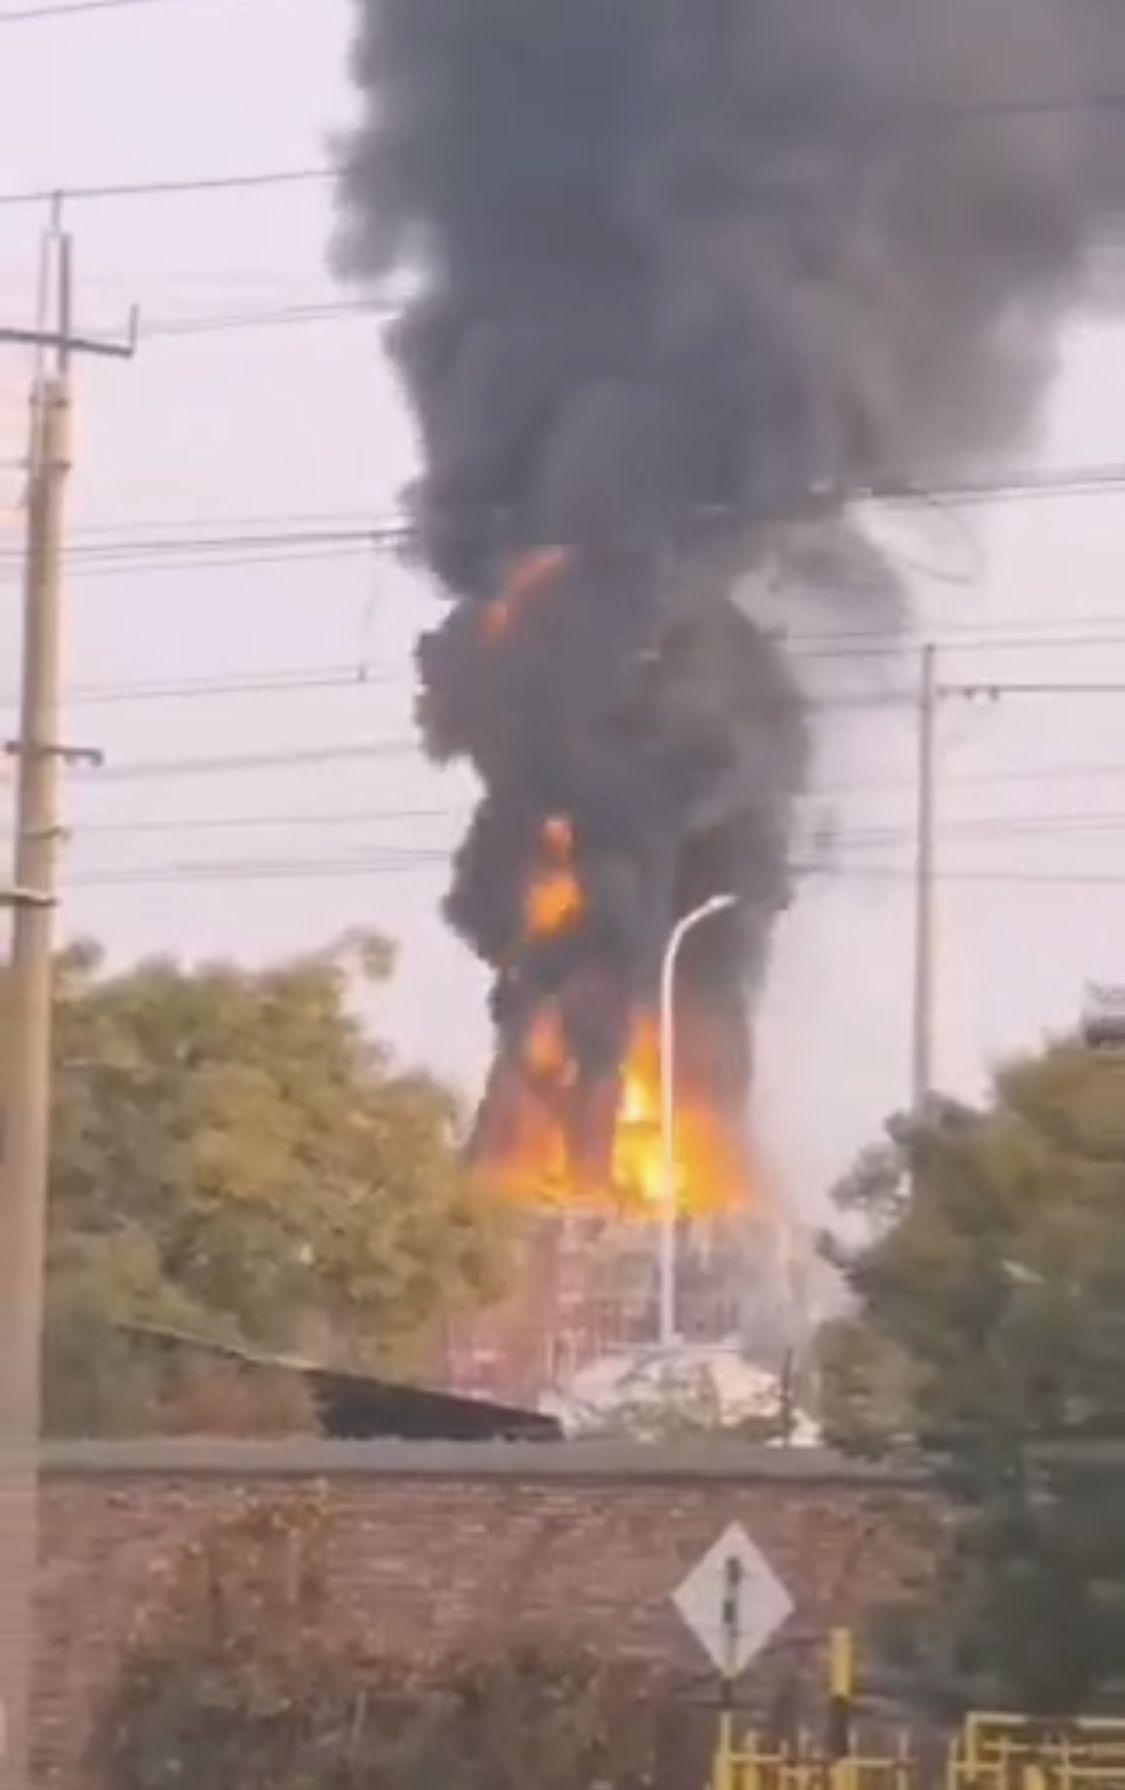 甘肃兰州一化工厂发生闪爆并起火,事故未造成人员伤亡图片